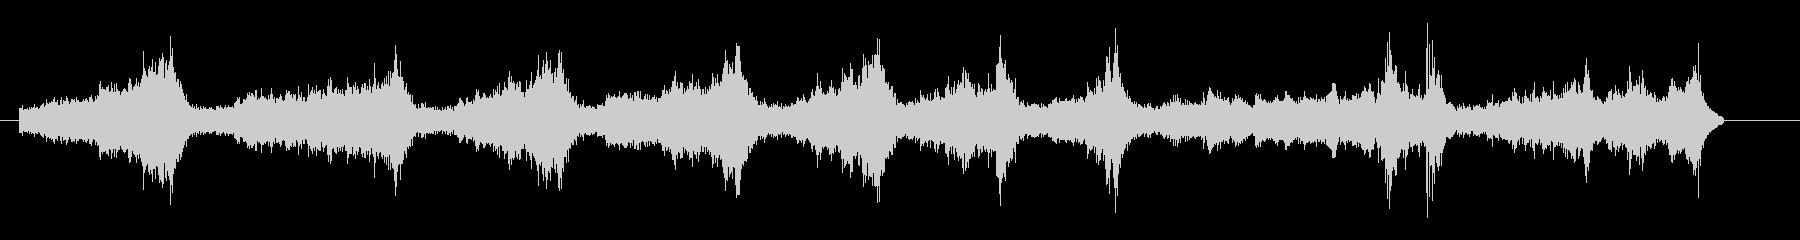 ビリリバチッ(放電・断線・故障の効果音)の未再生の波形